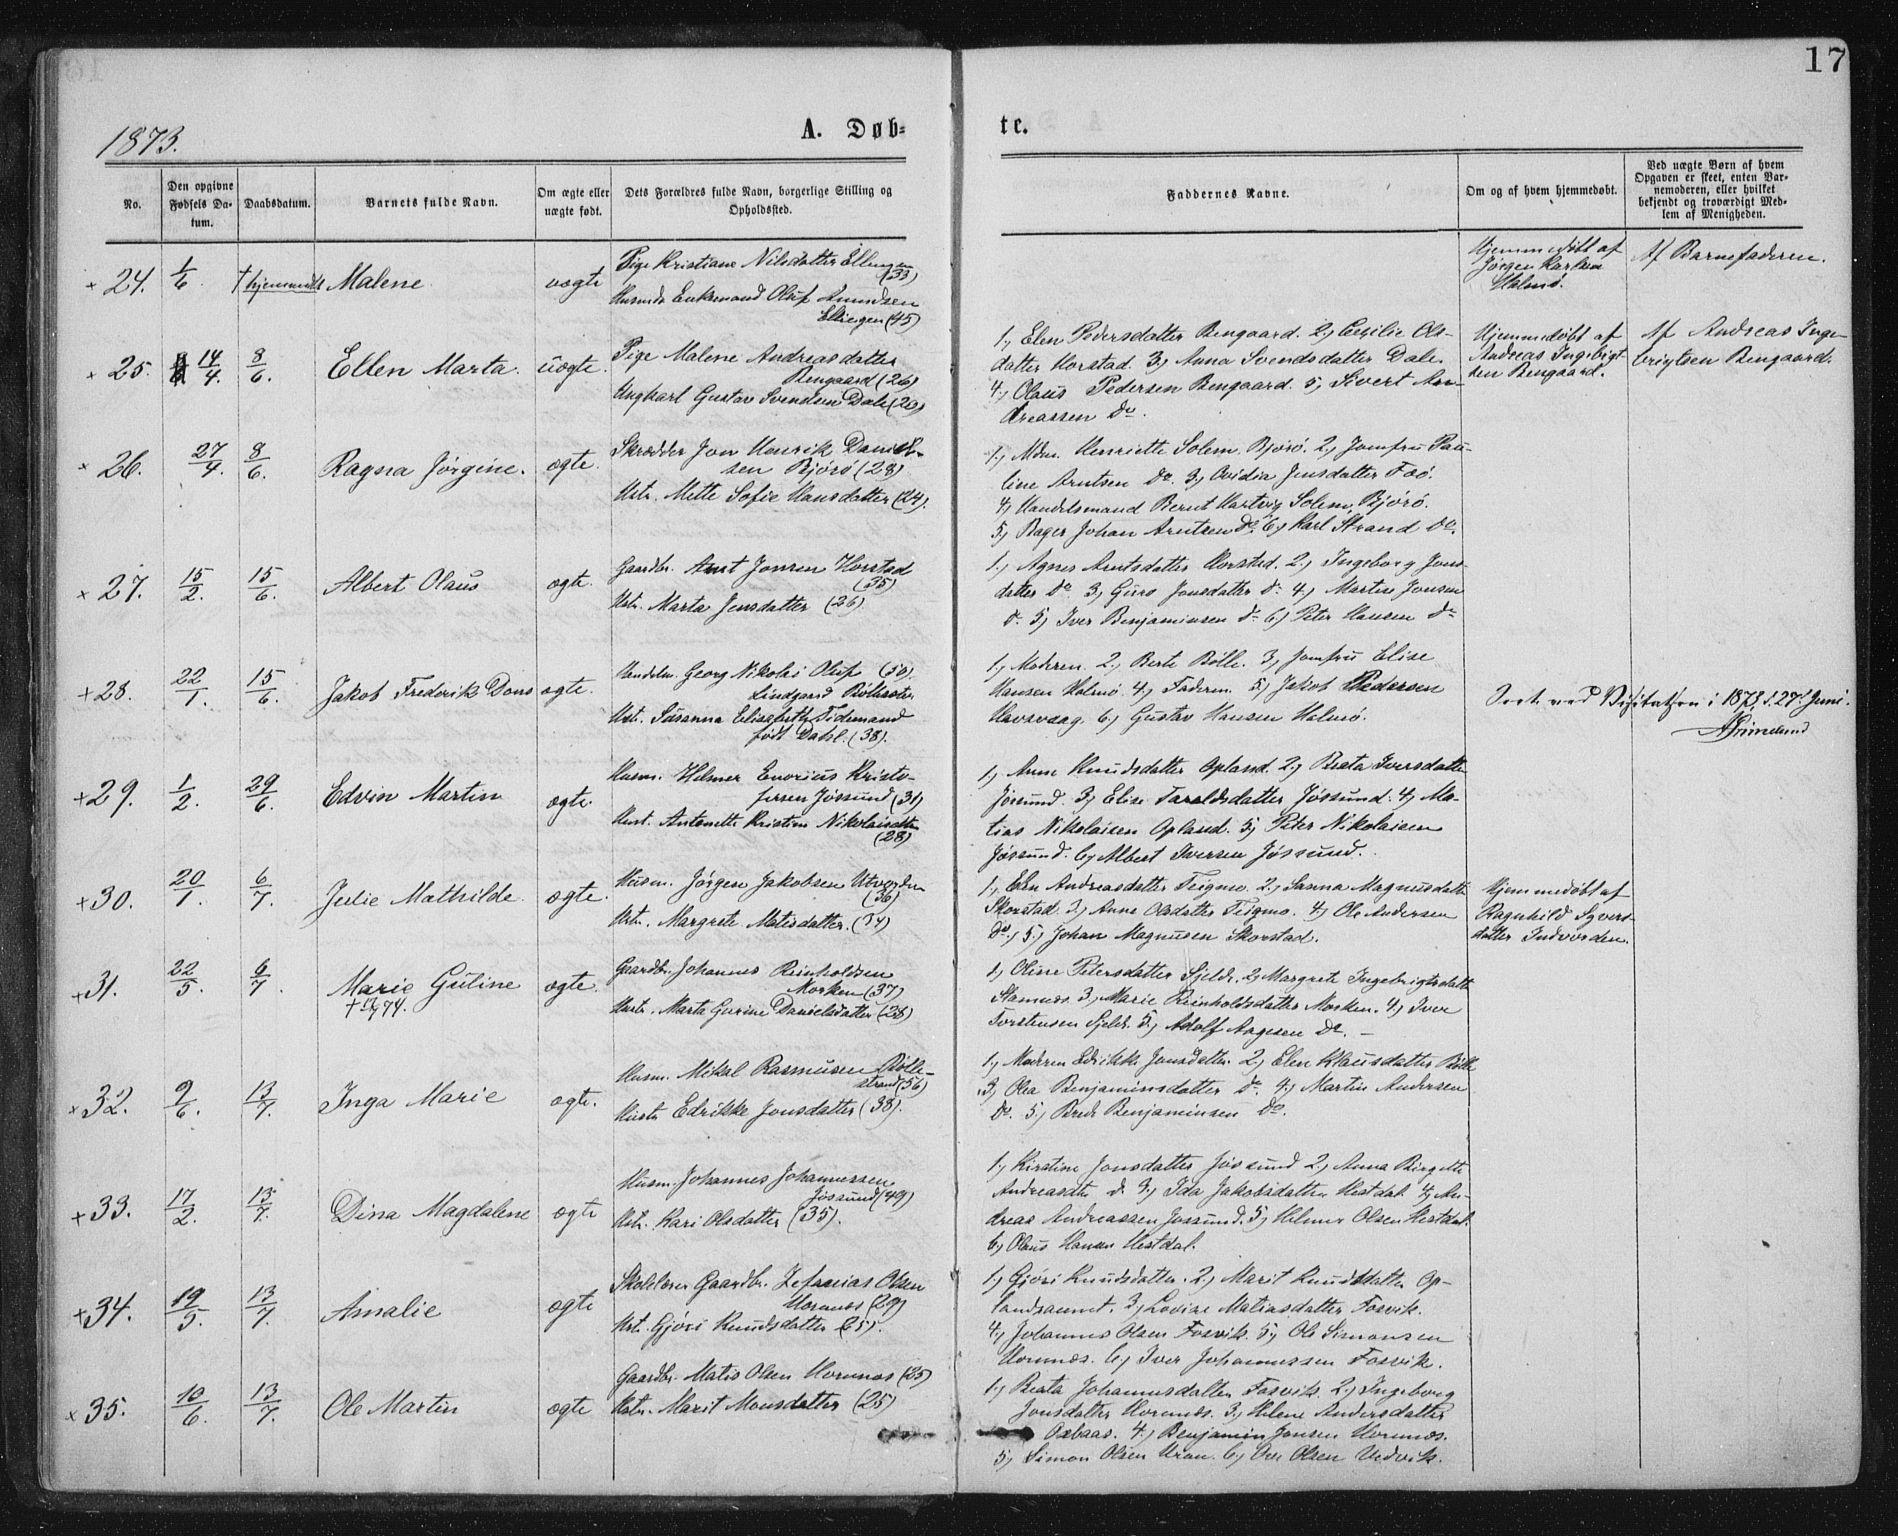 SAT, Ministerialprotokoller, klokkerbøker og fødselsregistre - Nord-Trøndelag, 771/L0596: Ministerialbok nr. 771A03, 1870-1884, s. 17